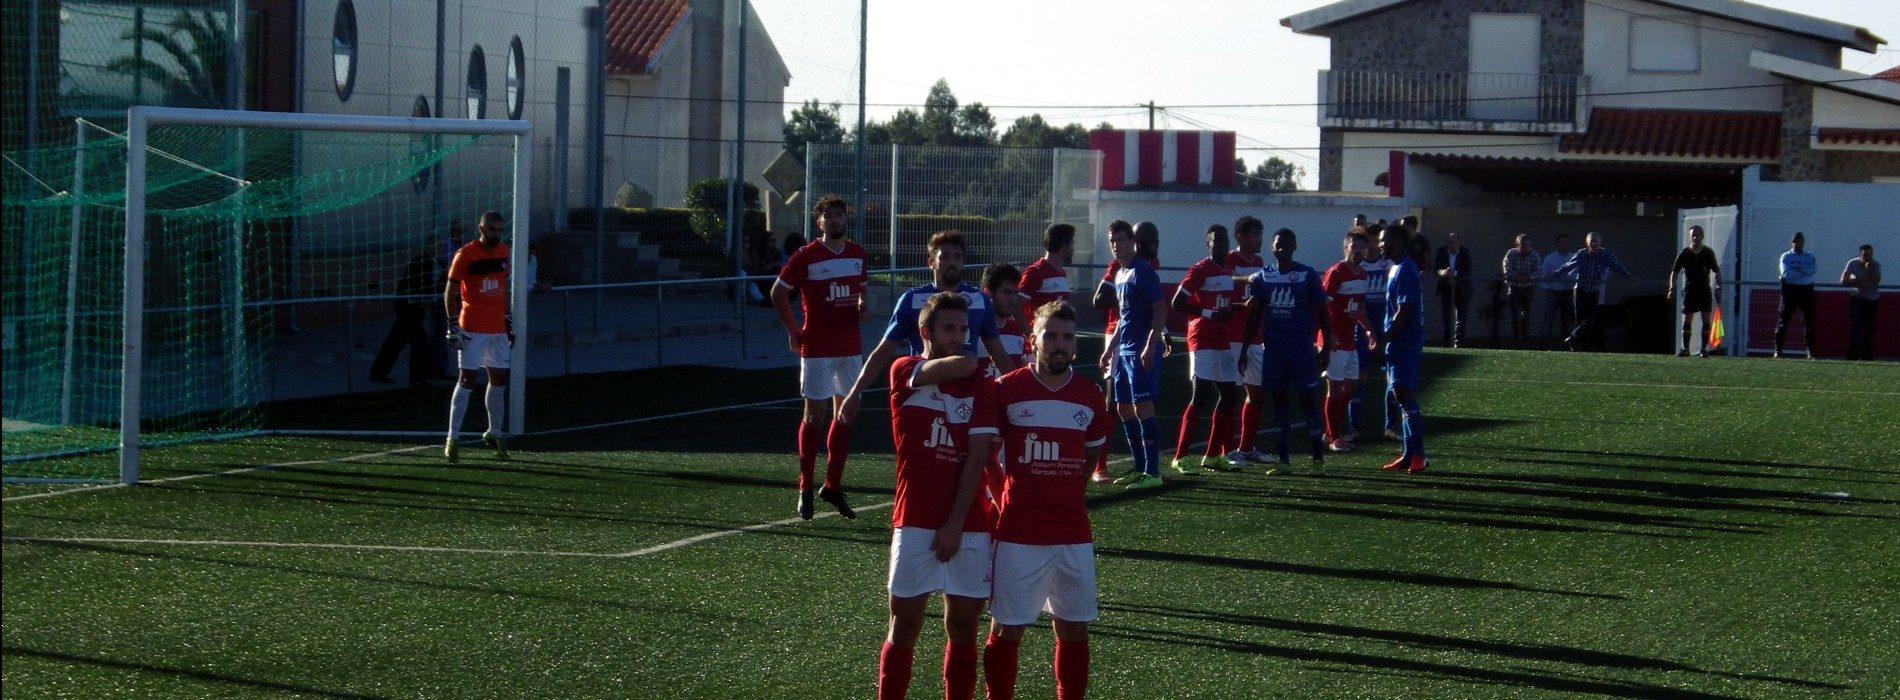 Desporto de fim de semana: Nogueirense, FCOH e AD Lagares da Beira empataram. Sampaense perde no Dragão Caixa